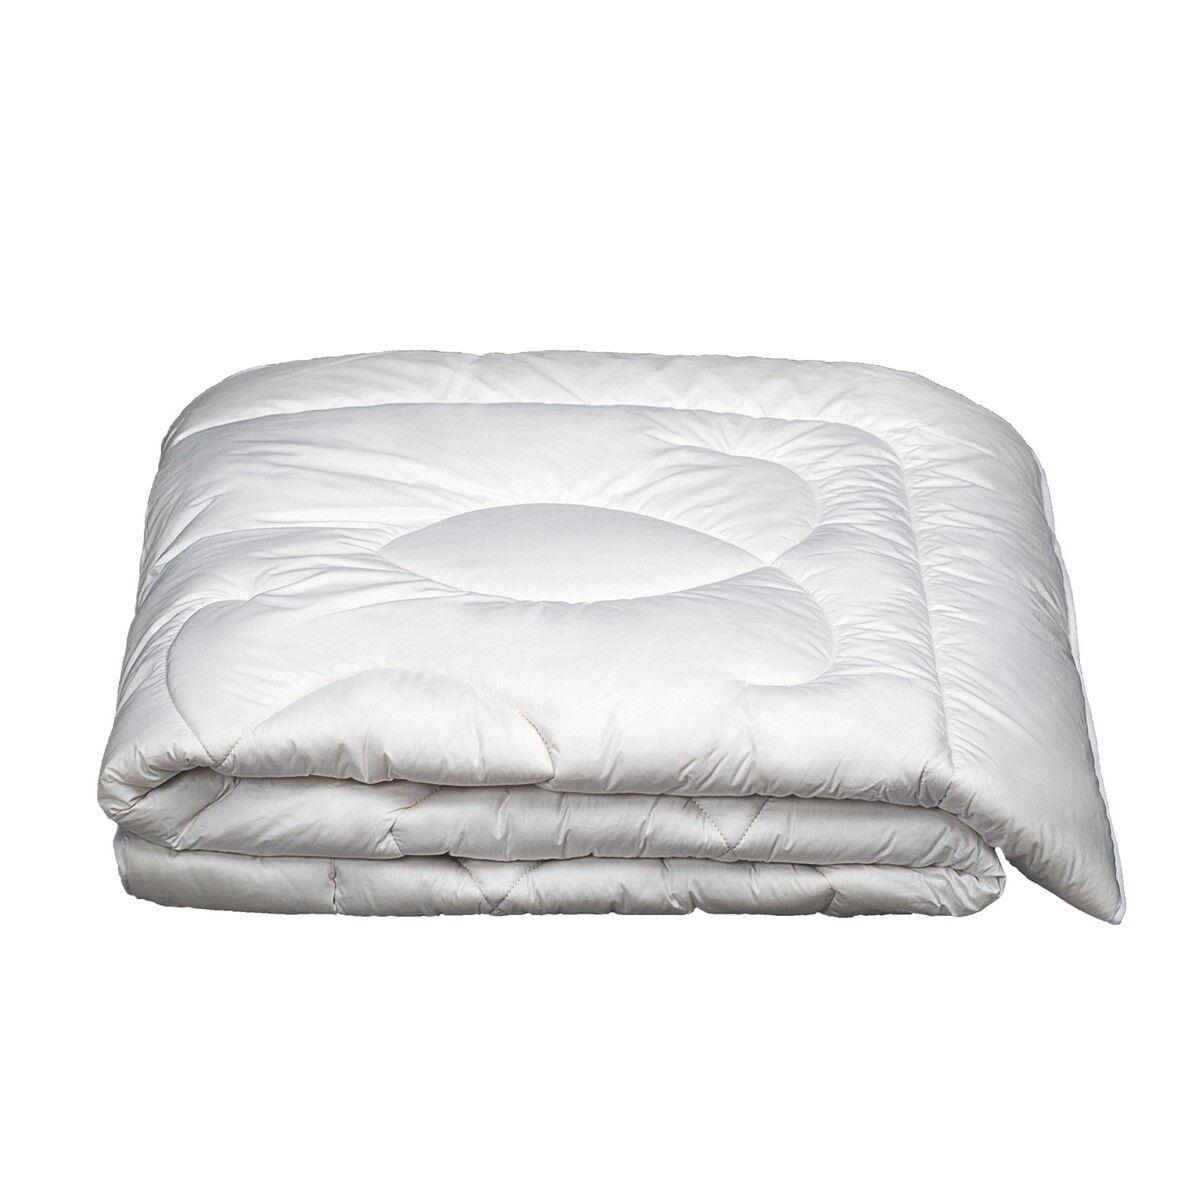 Brun de Vian-Tiran Couette Chaude Naturel en Laine Trs chaud Blanc 240x260 cm